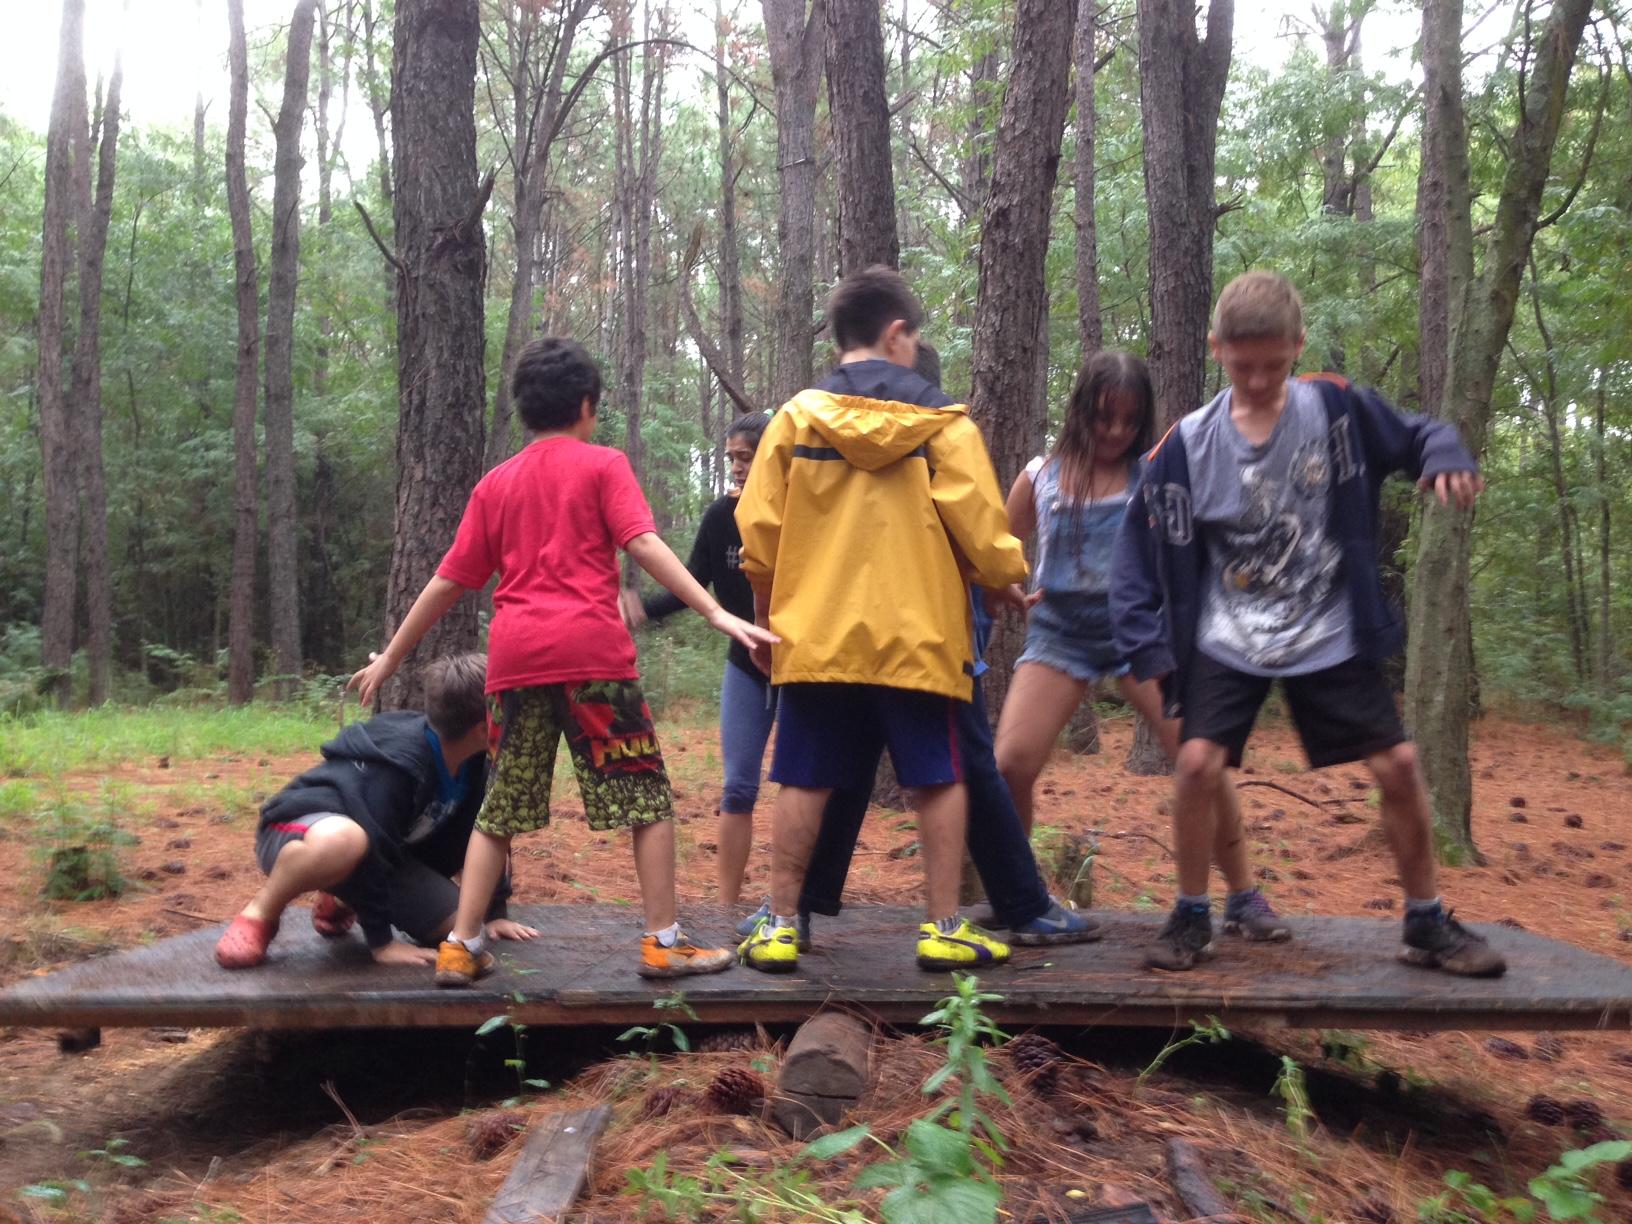 Running con obstáculos, cumples